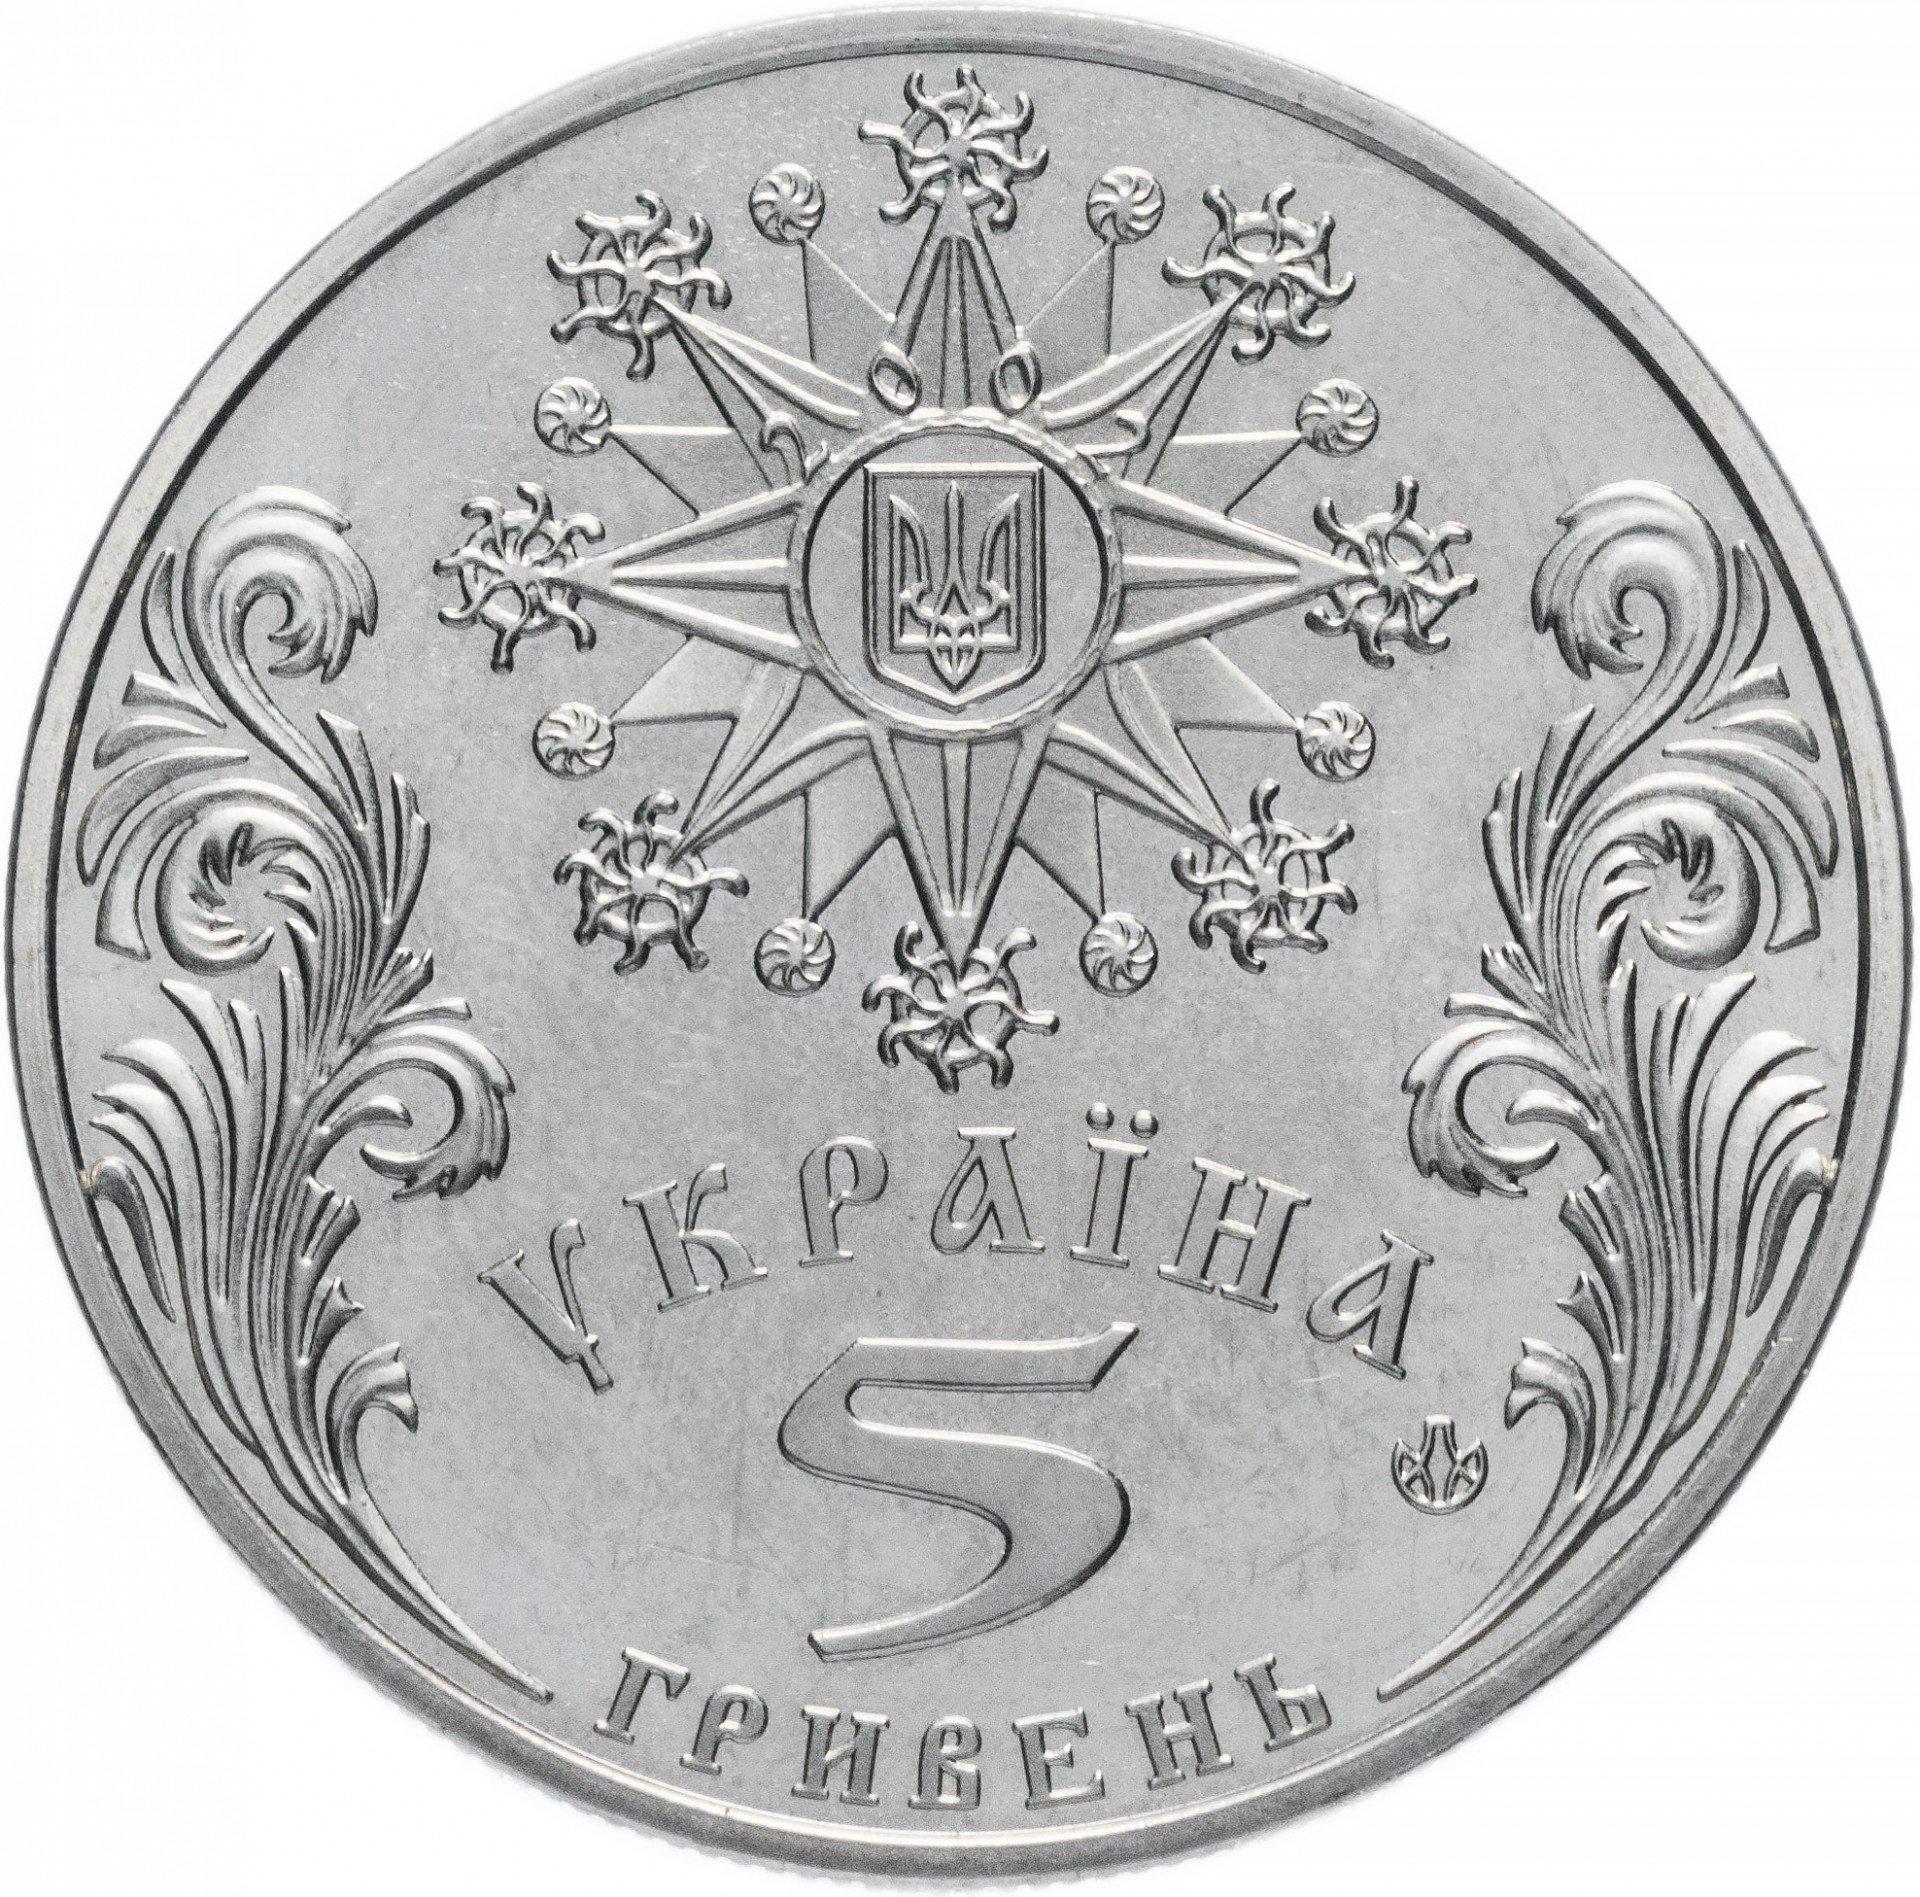 Украина 20 гривен мрия купить денежные банкноты россии